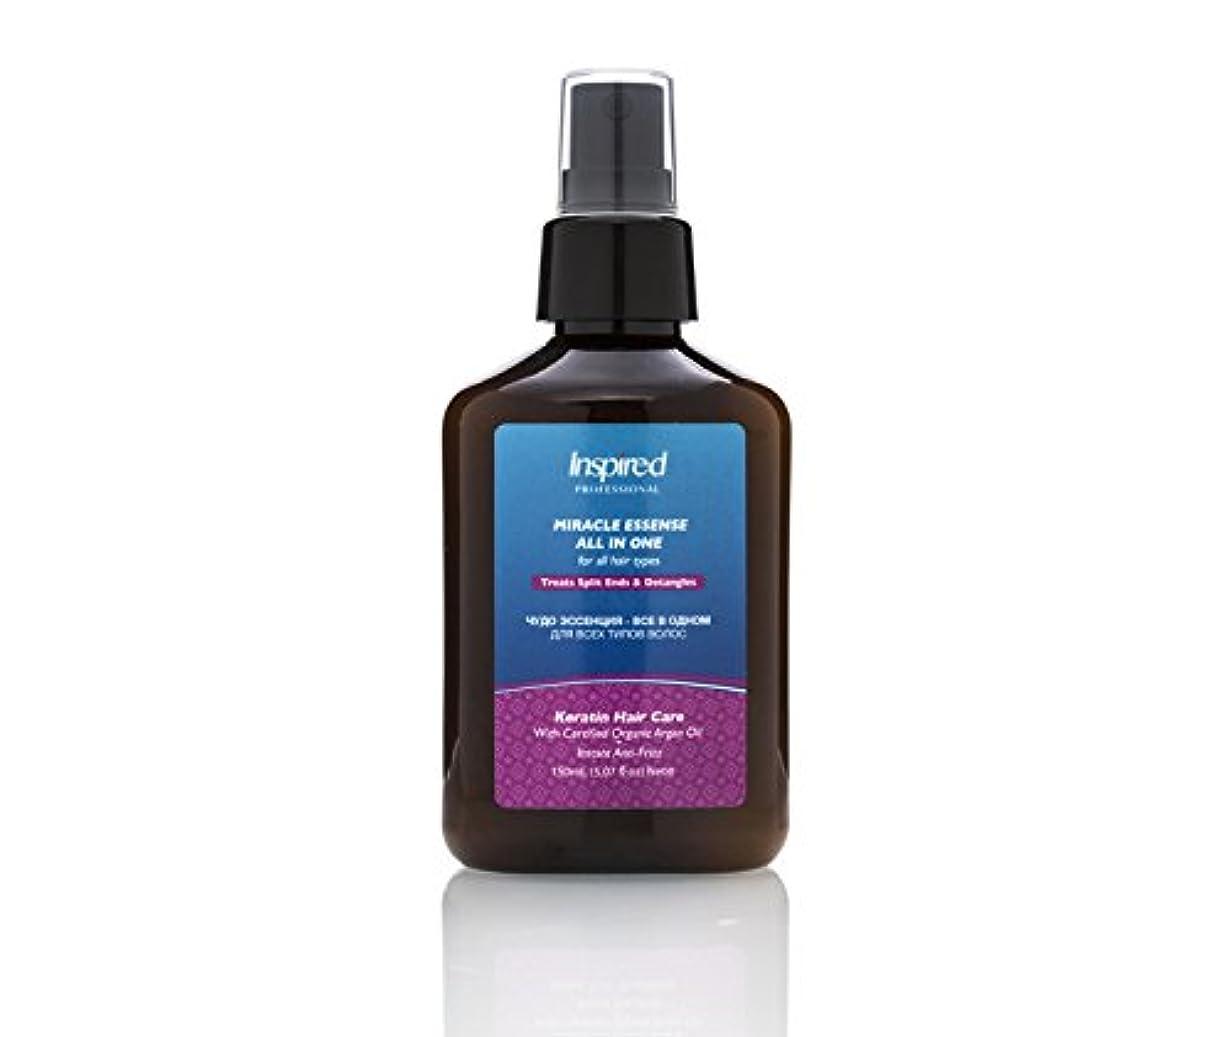 スクワイアレッスン慣習(インスピレーションを受けた専門家) ミラクルエッセンスオールインワン 艶出しトリートメントミスト ?と ケラチン 乳酸 (スタイリング)Inspired Professional Miracle Essense All In One Keratin Lactic Acid Hair Repair Moroccan Argan Oil Anti Frizz Detangle Best for Dry Damaged Brittle Curly Split Ends Hair Glimmer Shine 150ml